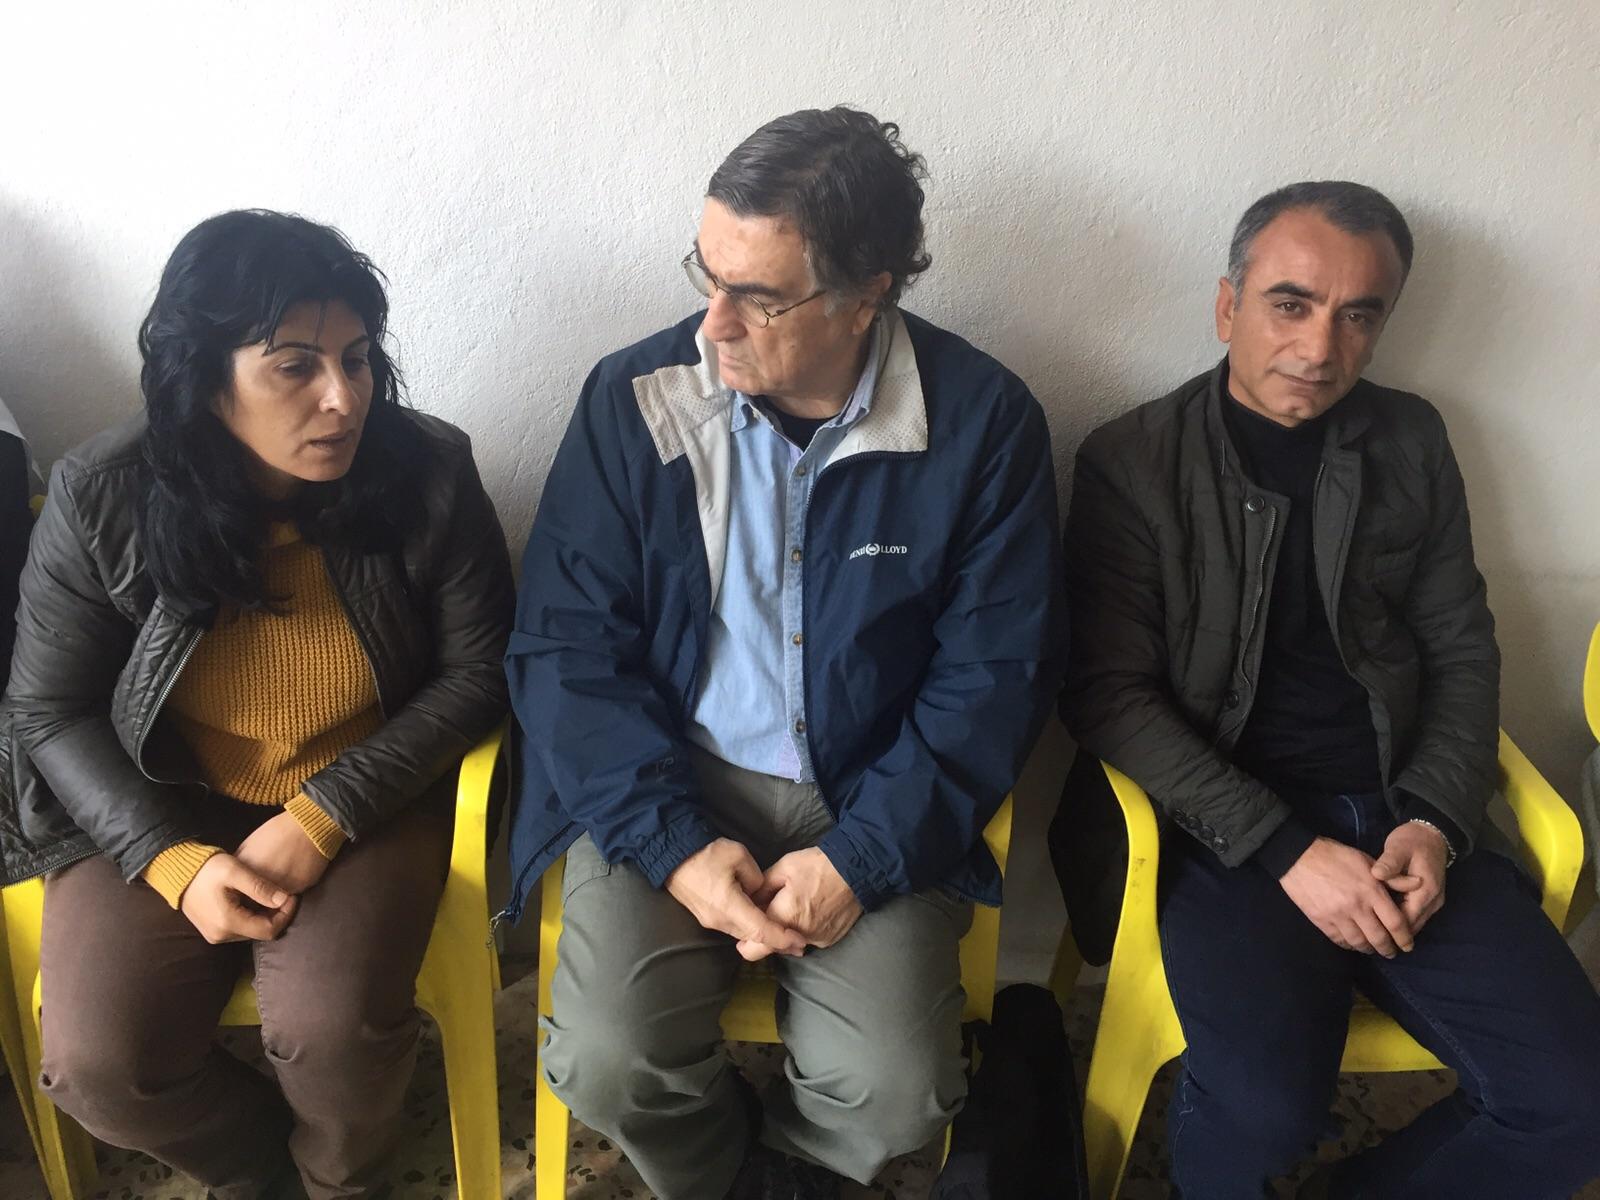 Nusaybin'in Sara Başkan'ı 'Bu savaşın en mağdurları çocuklar' derken Eş Başkan Cengiz Kök 'Bu koşullarda özyönetim uygulamak mümkün değil' diyor